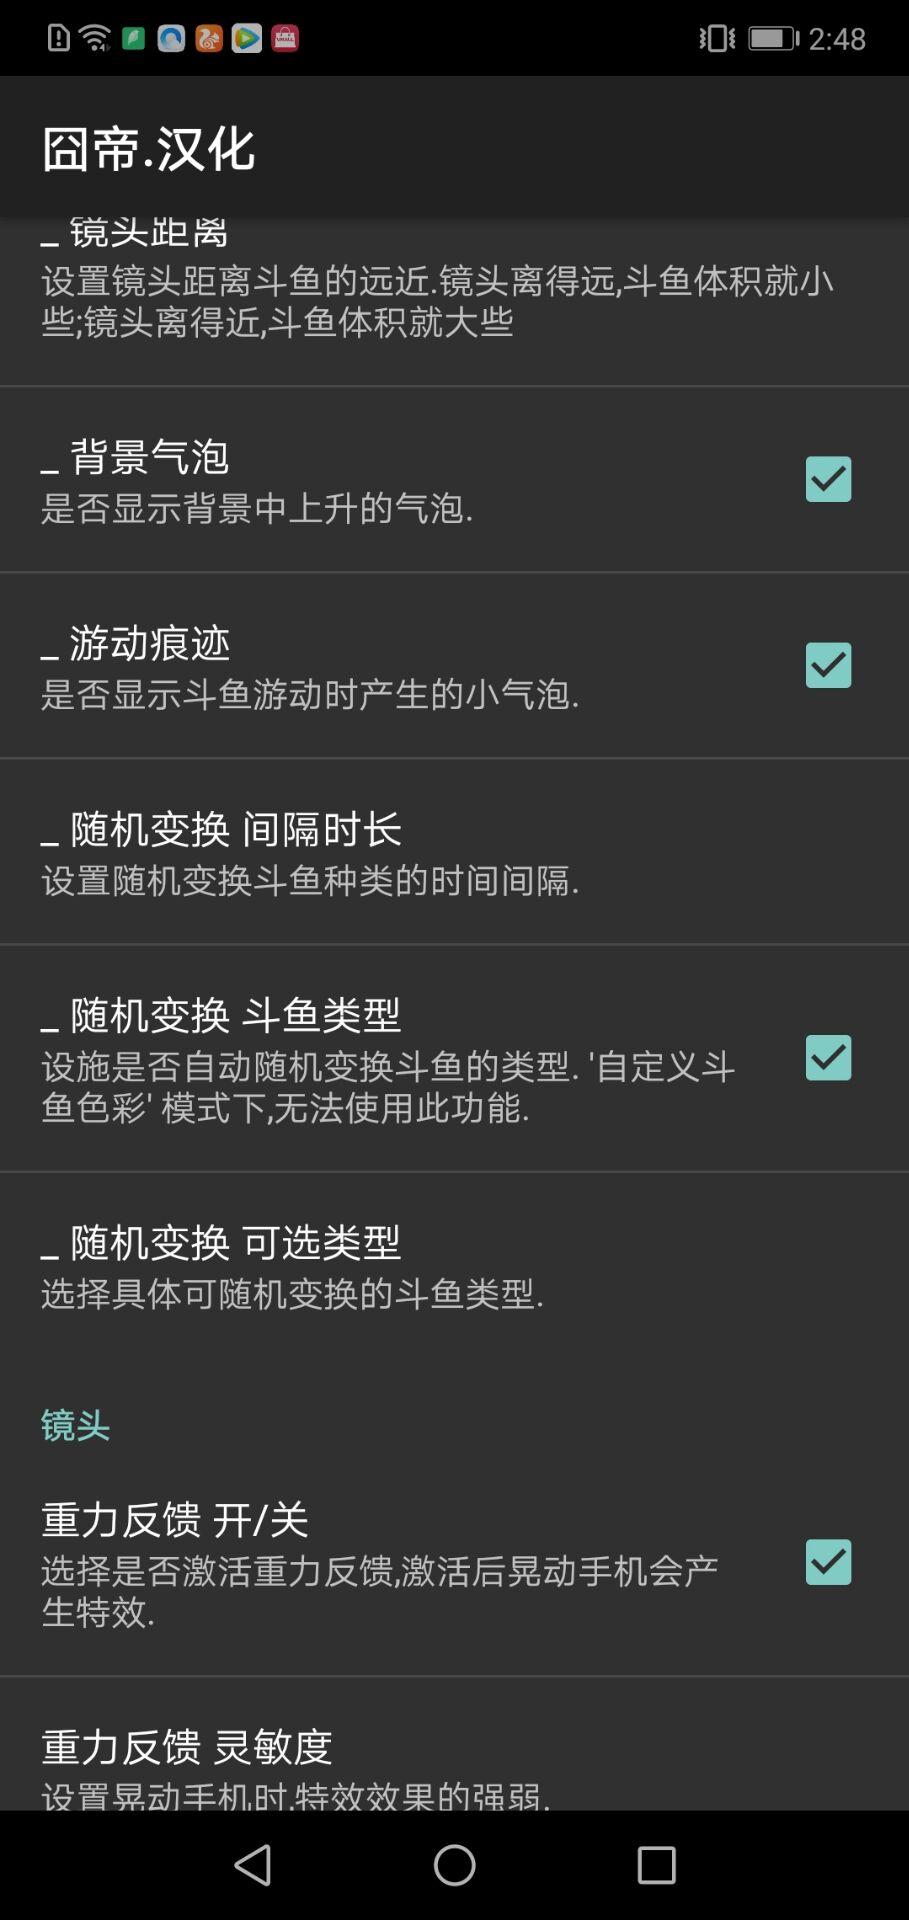 【资源分享】斗鱼动态壁纸(盯着屏幕都不无聊了)-爱小助